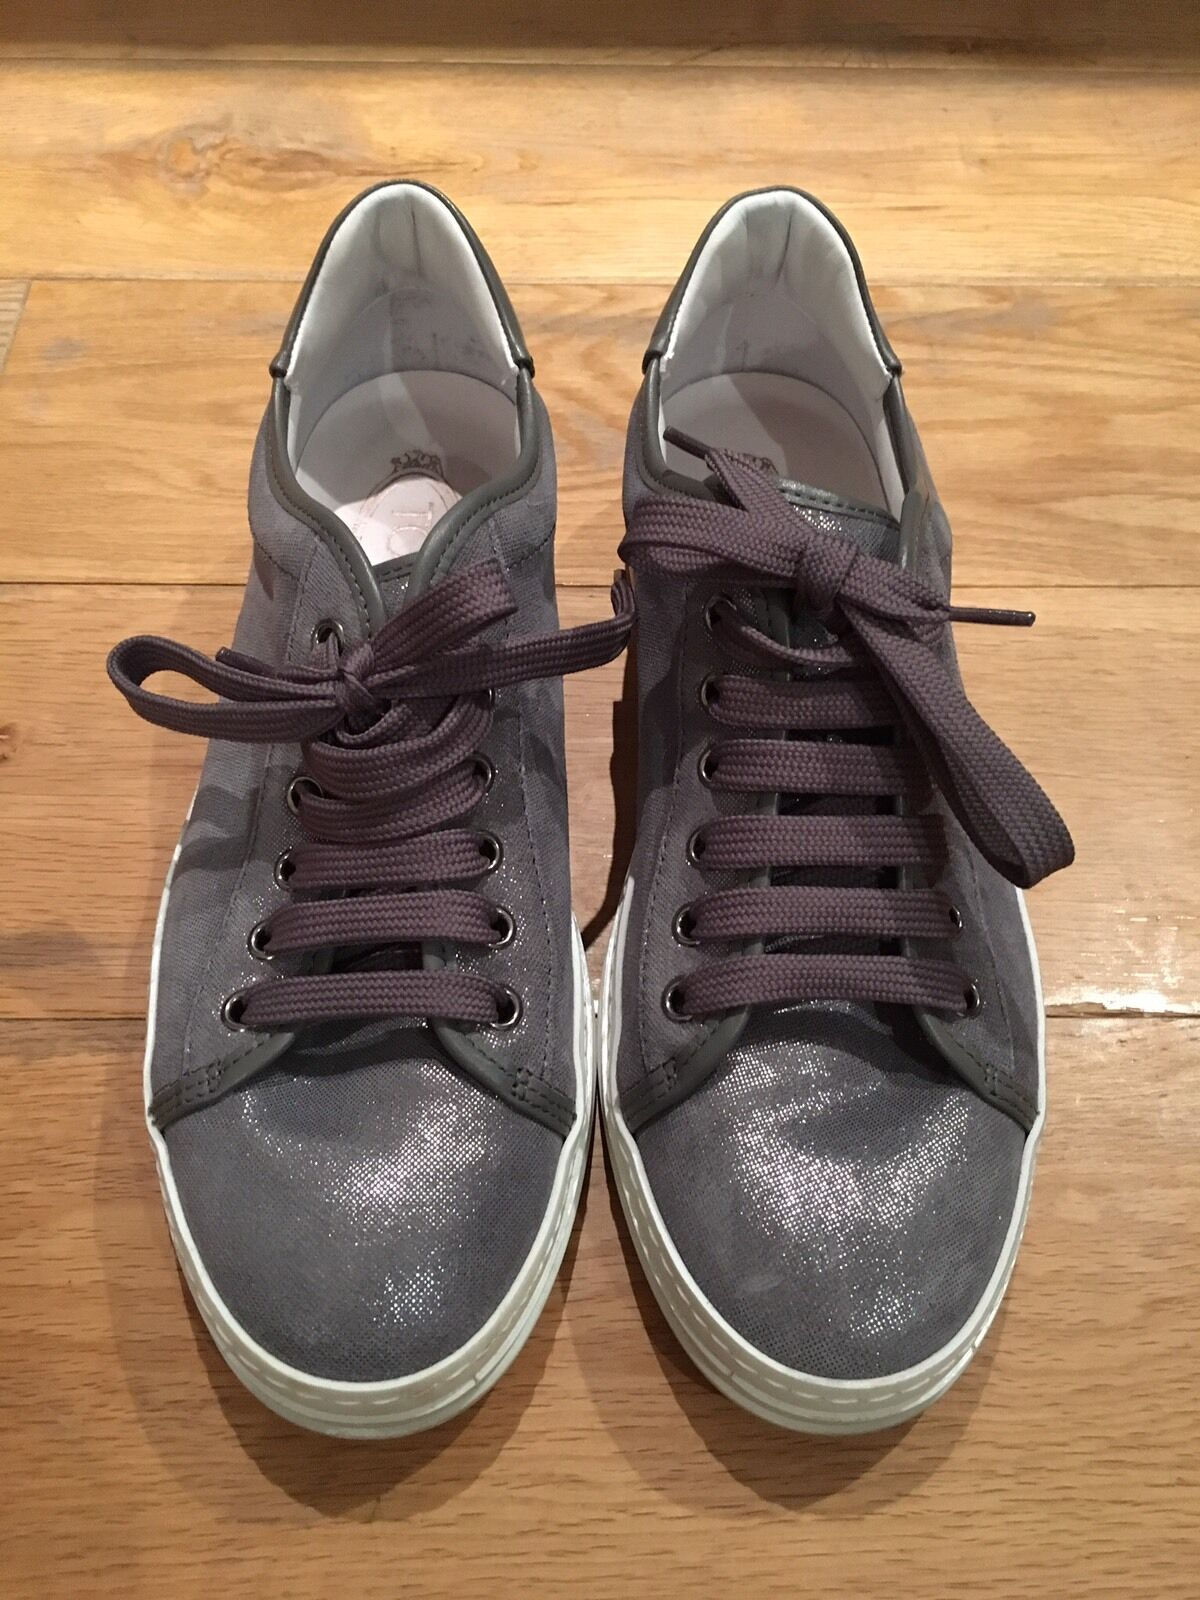 Tods Azul Metálico Con Cordones Zapatillas zapatillas zapatos zapatos zapatos de proyectos comunes EU 39 UK 6  suministro directo de los fabricantes